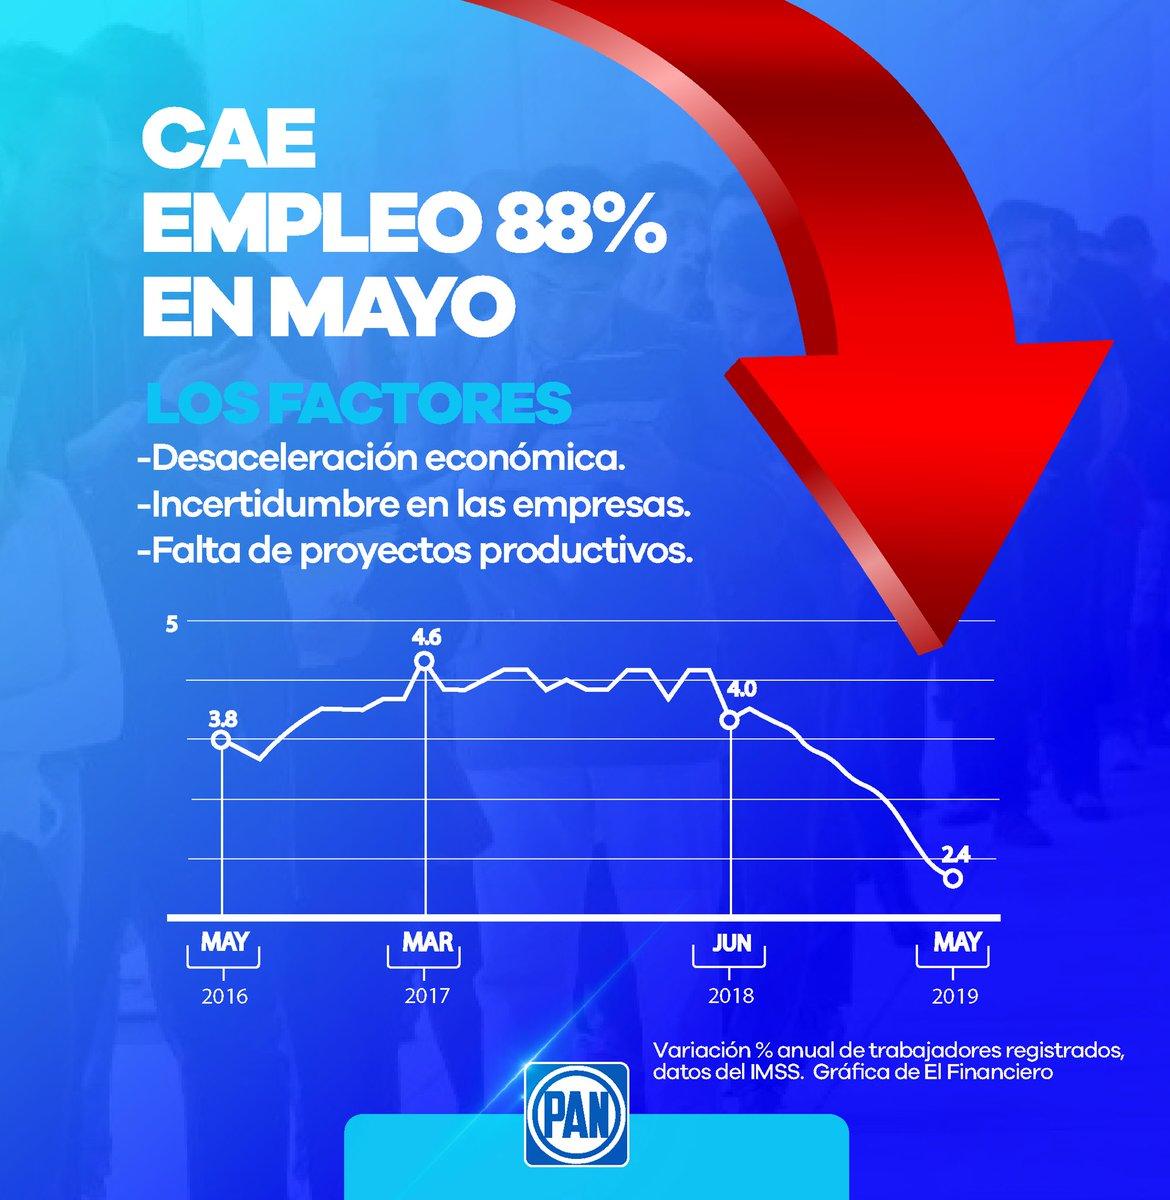 El empleo va en picada, mayo registró 88% menos ocupación en relación a 2018, debido a la desaceleración económica, incertidumbre y la falta de proyectos productivos por parte del @GobiernoMX. En el #PAN le exigimos a @lopezobrador_ una estrategia para recomponer el camino.